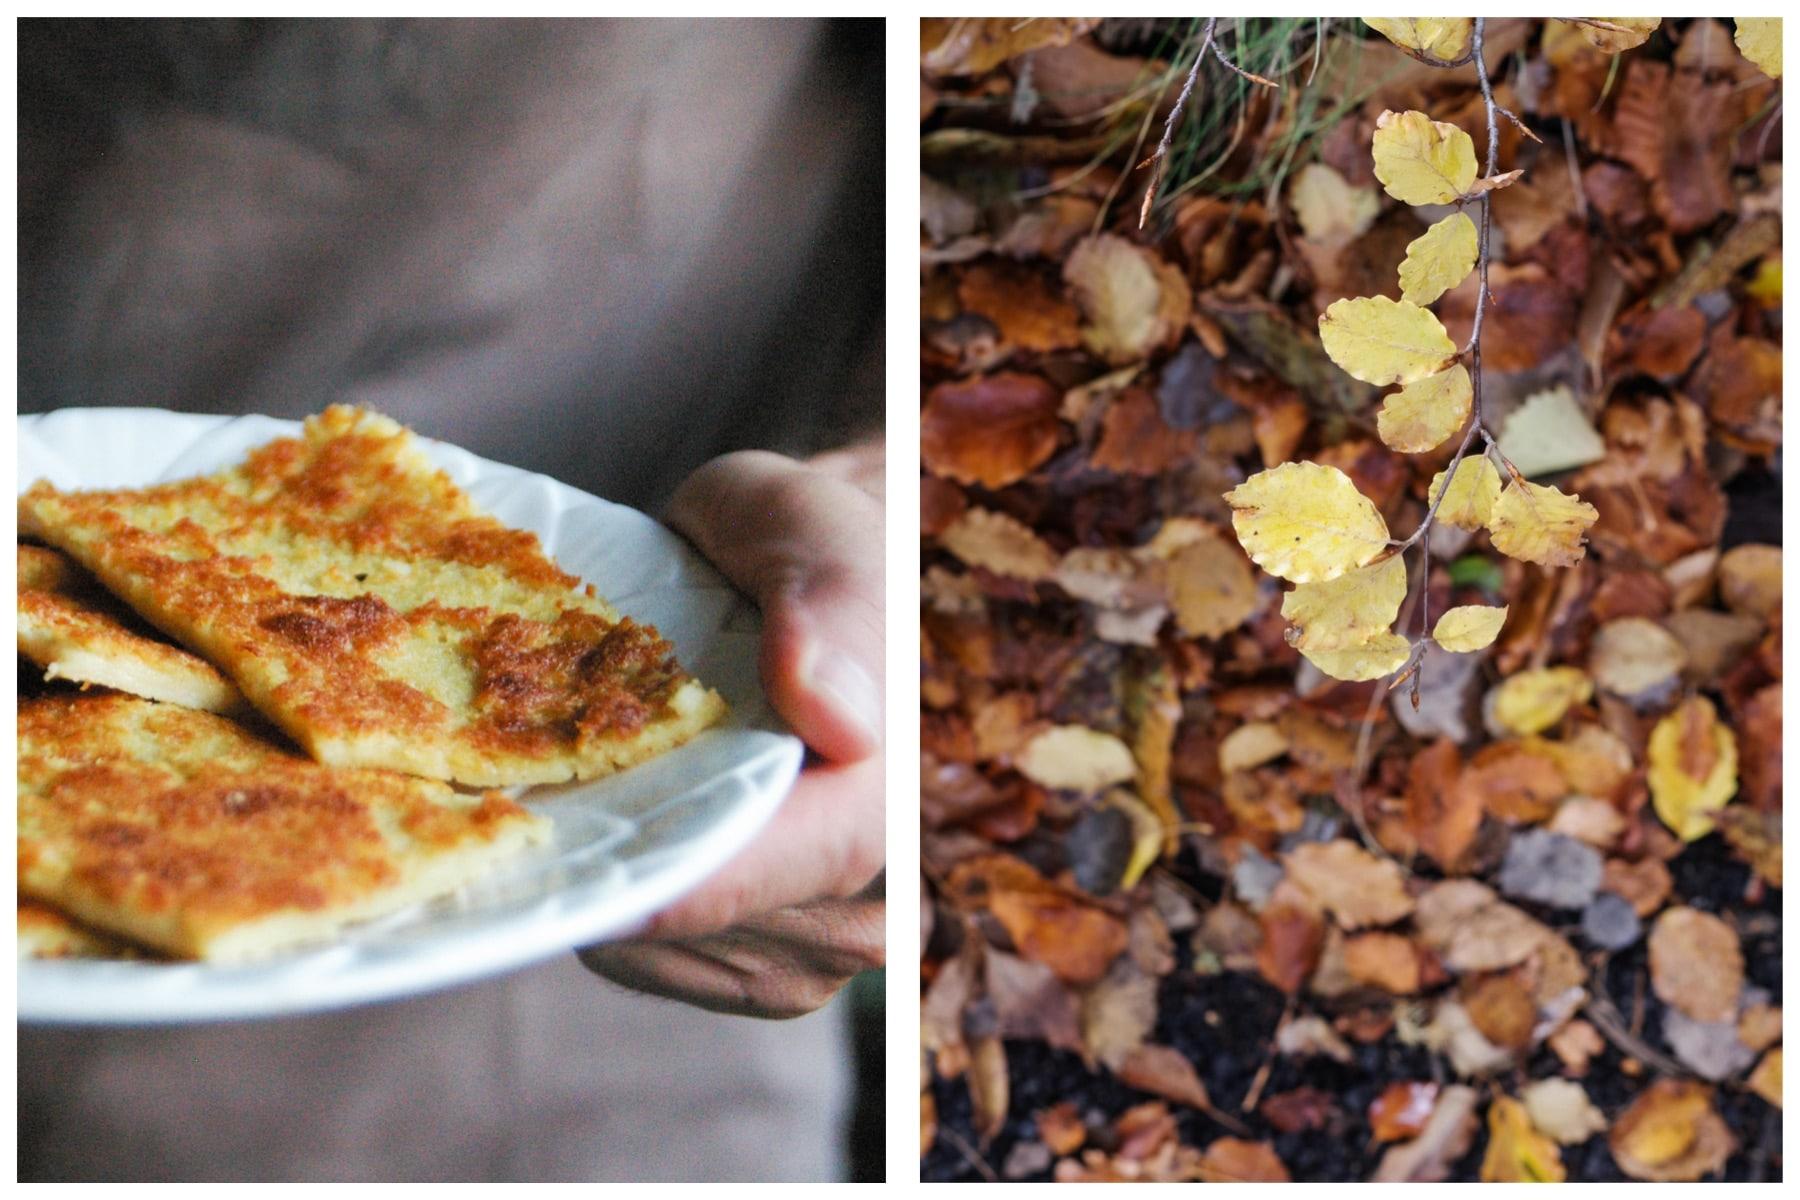 farinata: Genoa chickpea tart